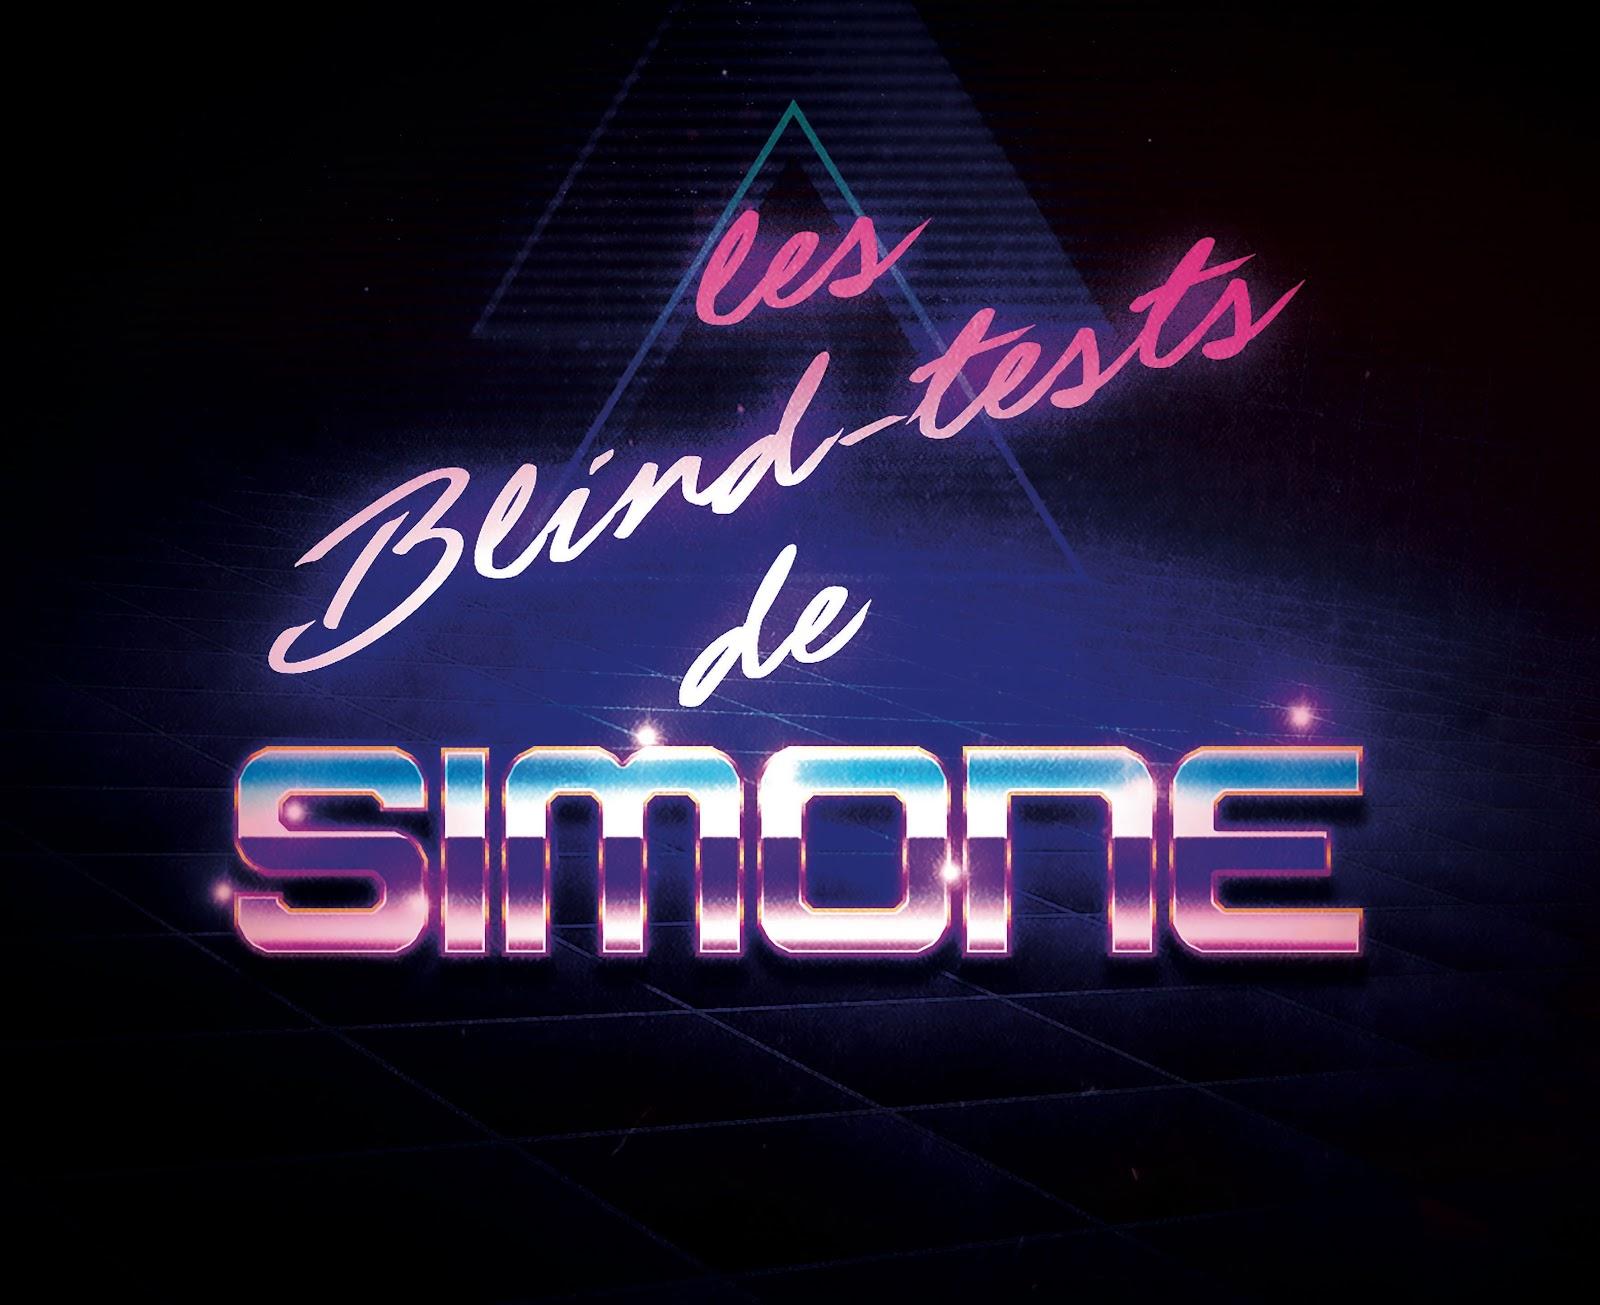 Mode bar + le blind test de Simone le 5 novembre 2021 à La Bigaille